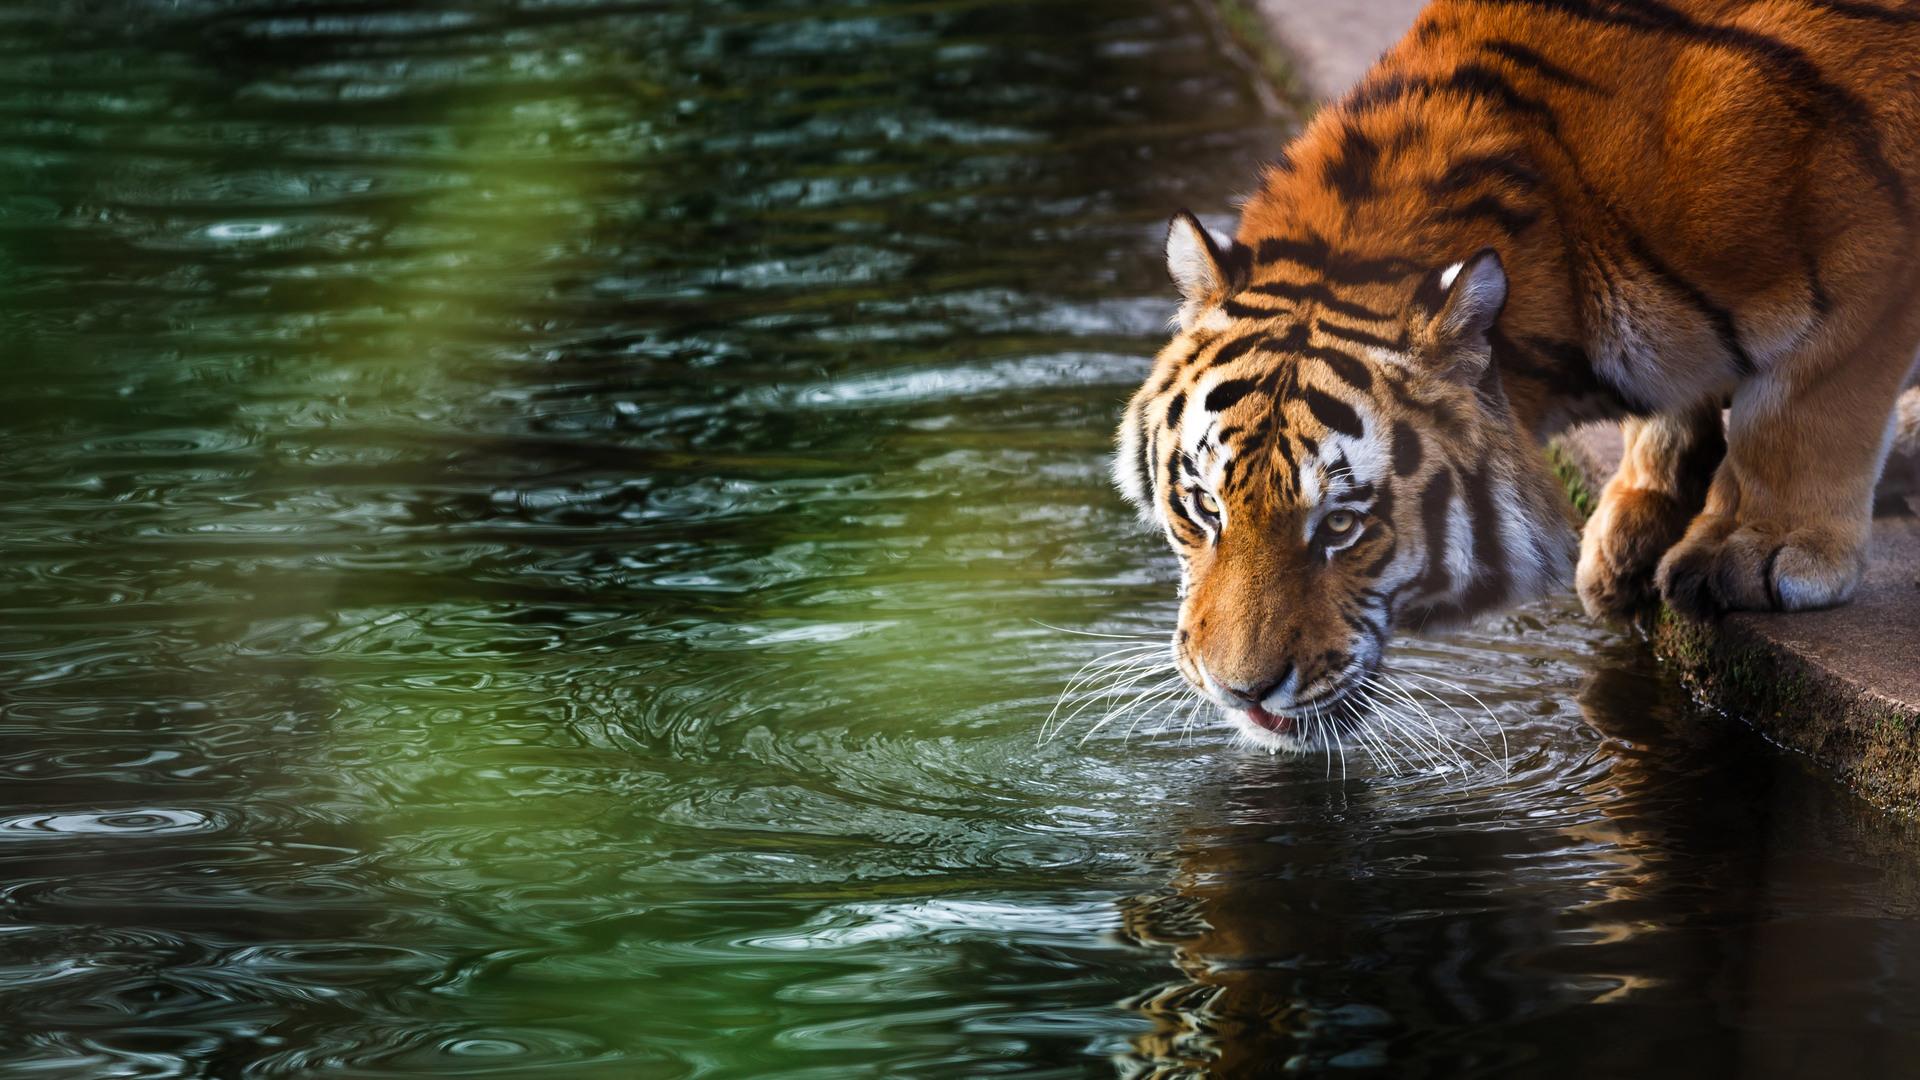 tiger-4k-po.jpg